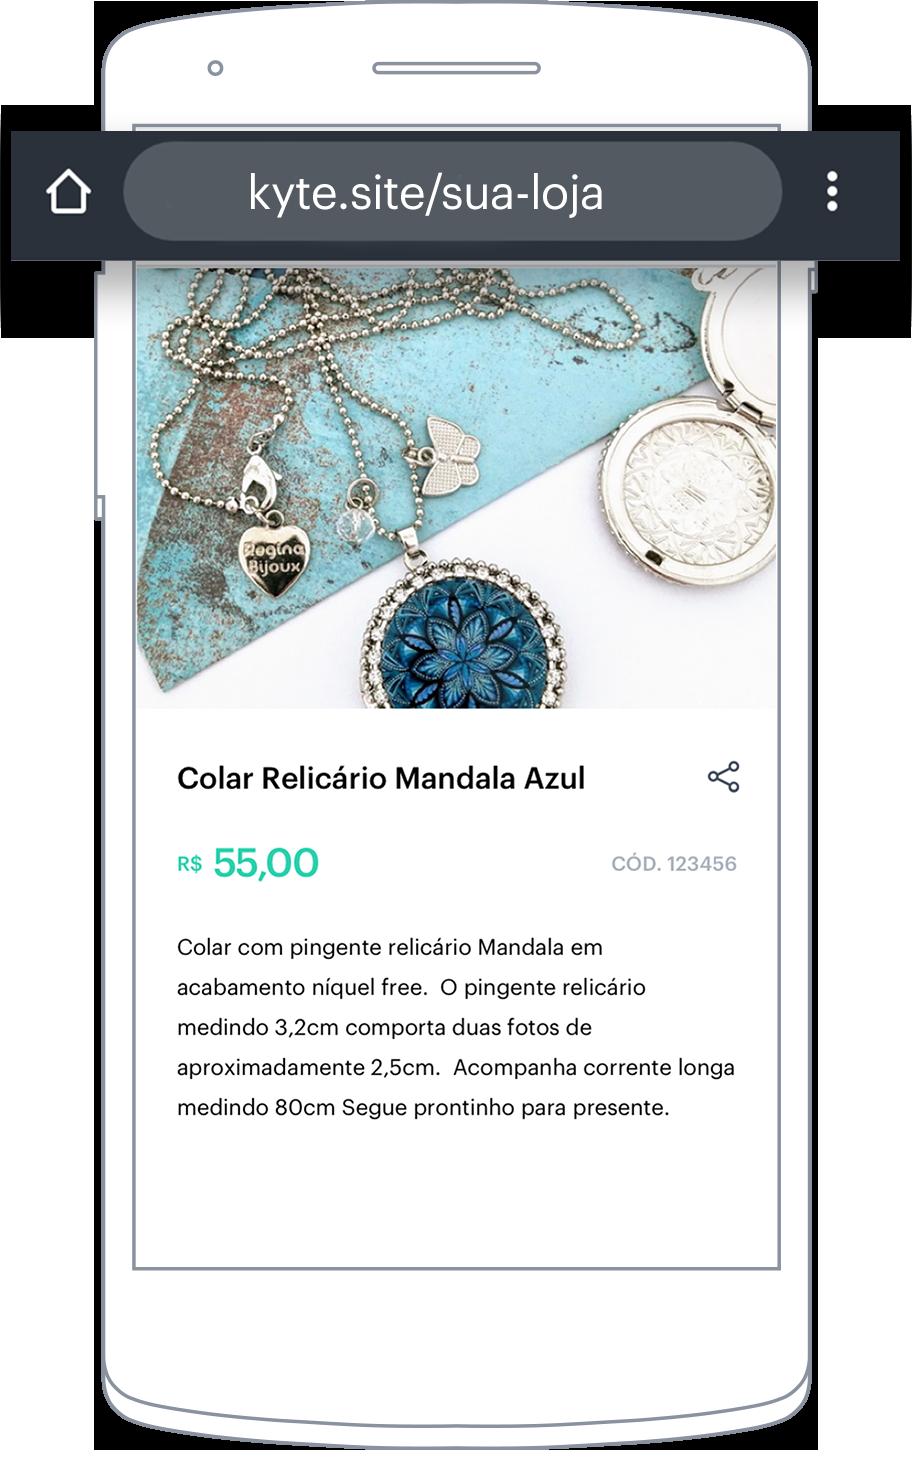 Catálogo de produtos online